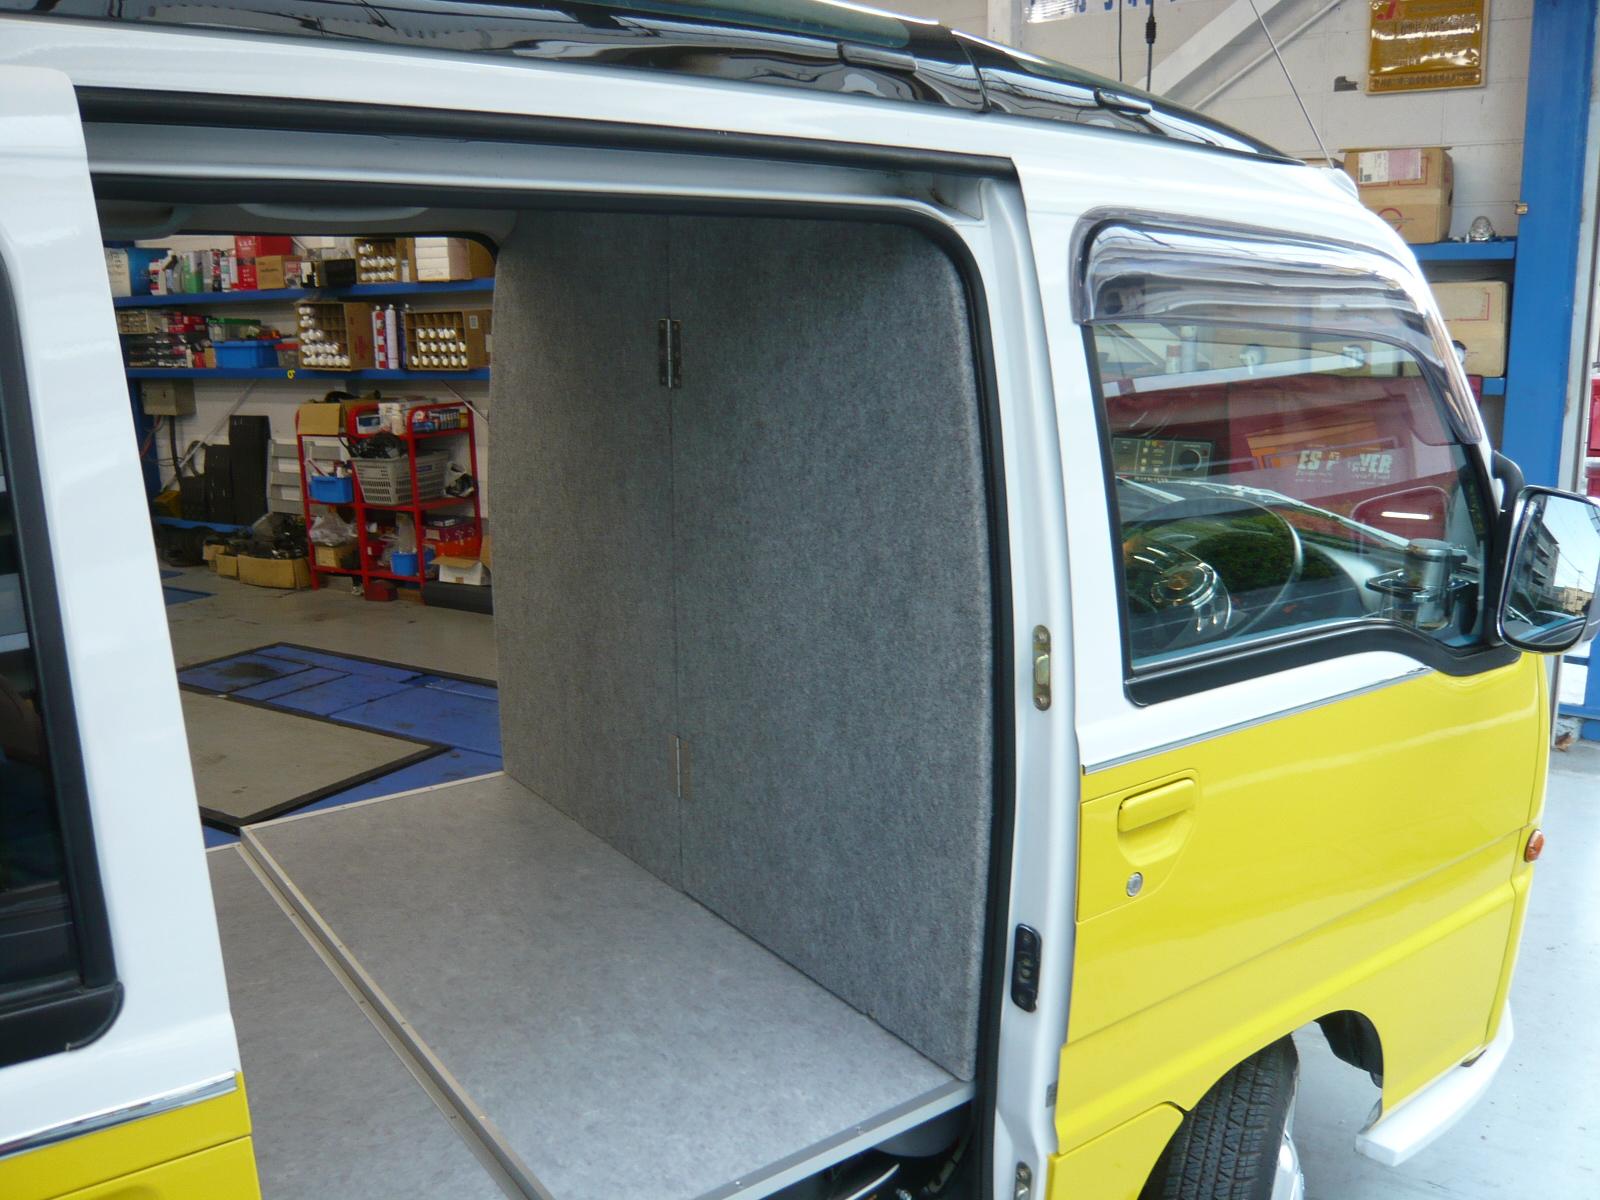 運転席側と荷台を仕切りました。<br /> <br /> バハ・マールオーナーのこだわり1<br /> 移動販売の許可を取得する為に運転席側と荷台を仕切りました。<br /> これで許可は、大丈夫!